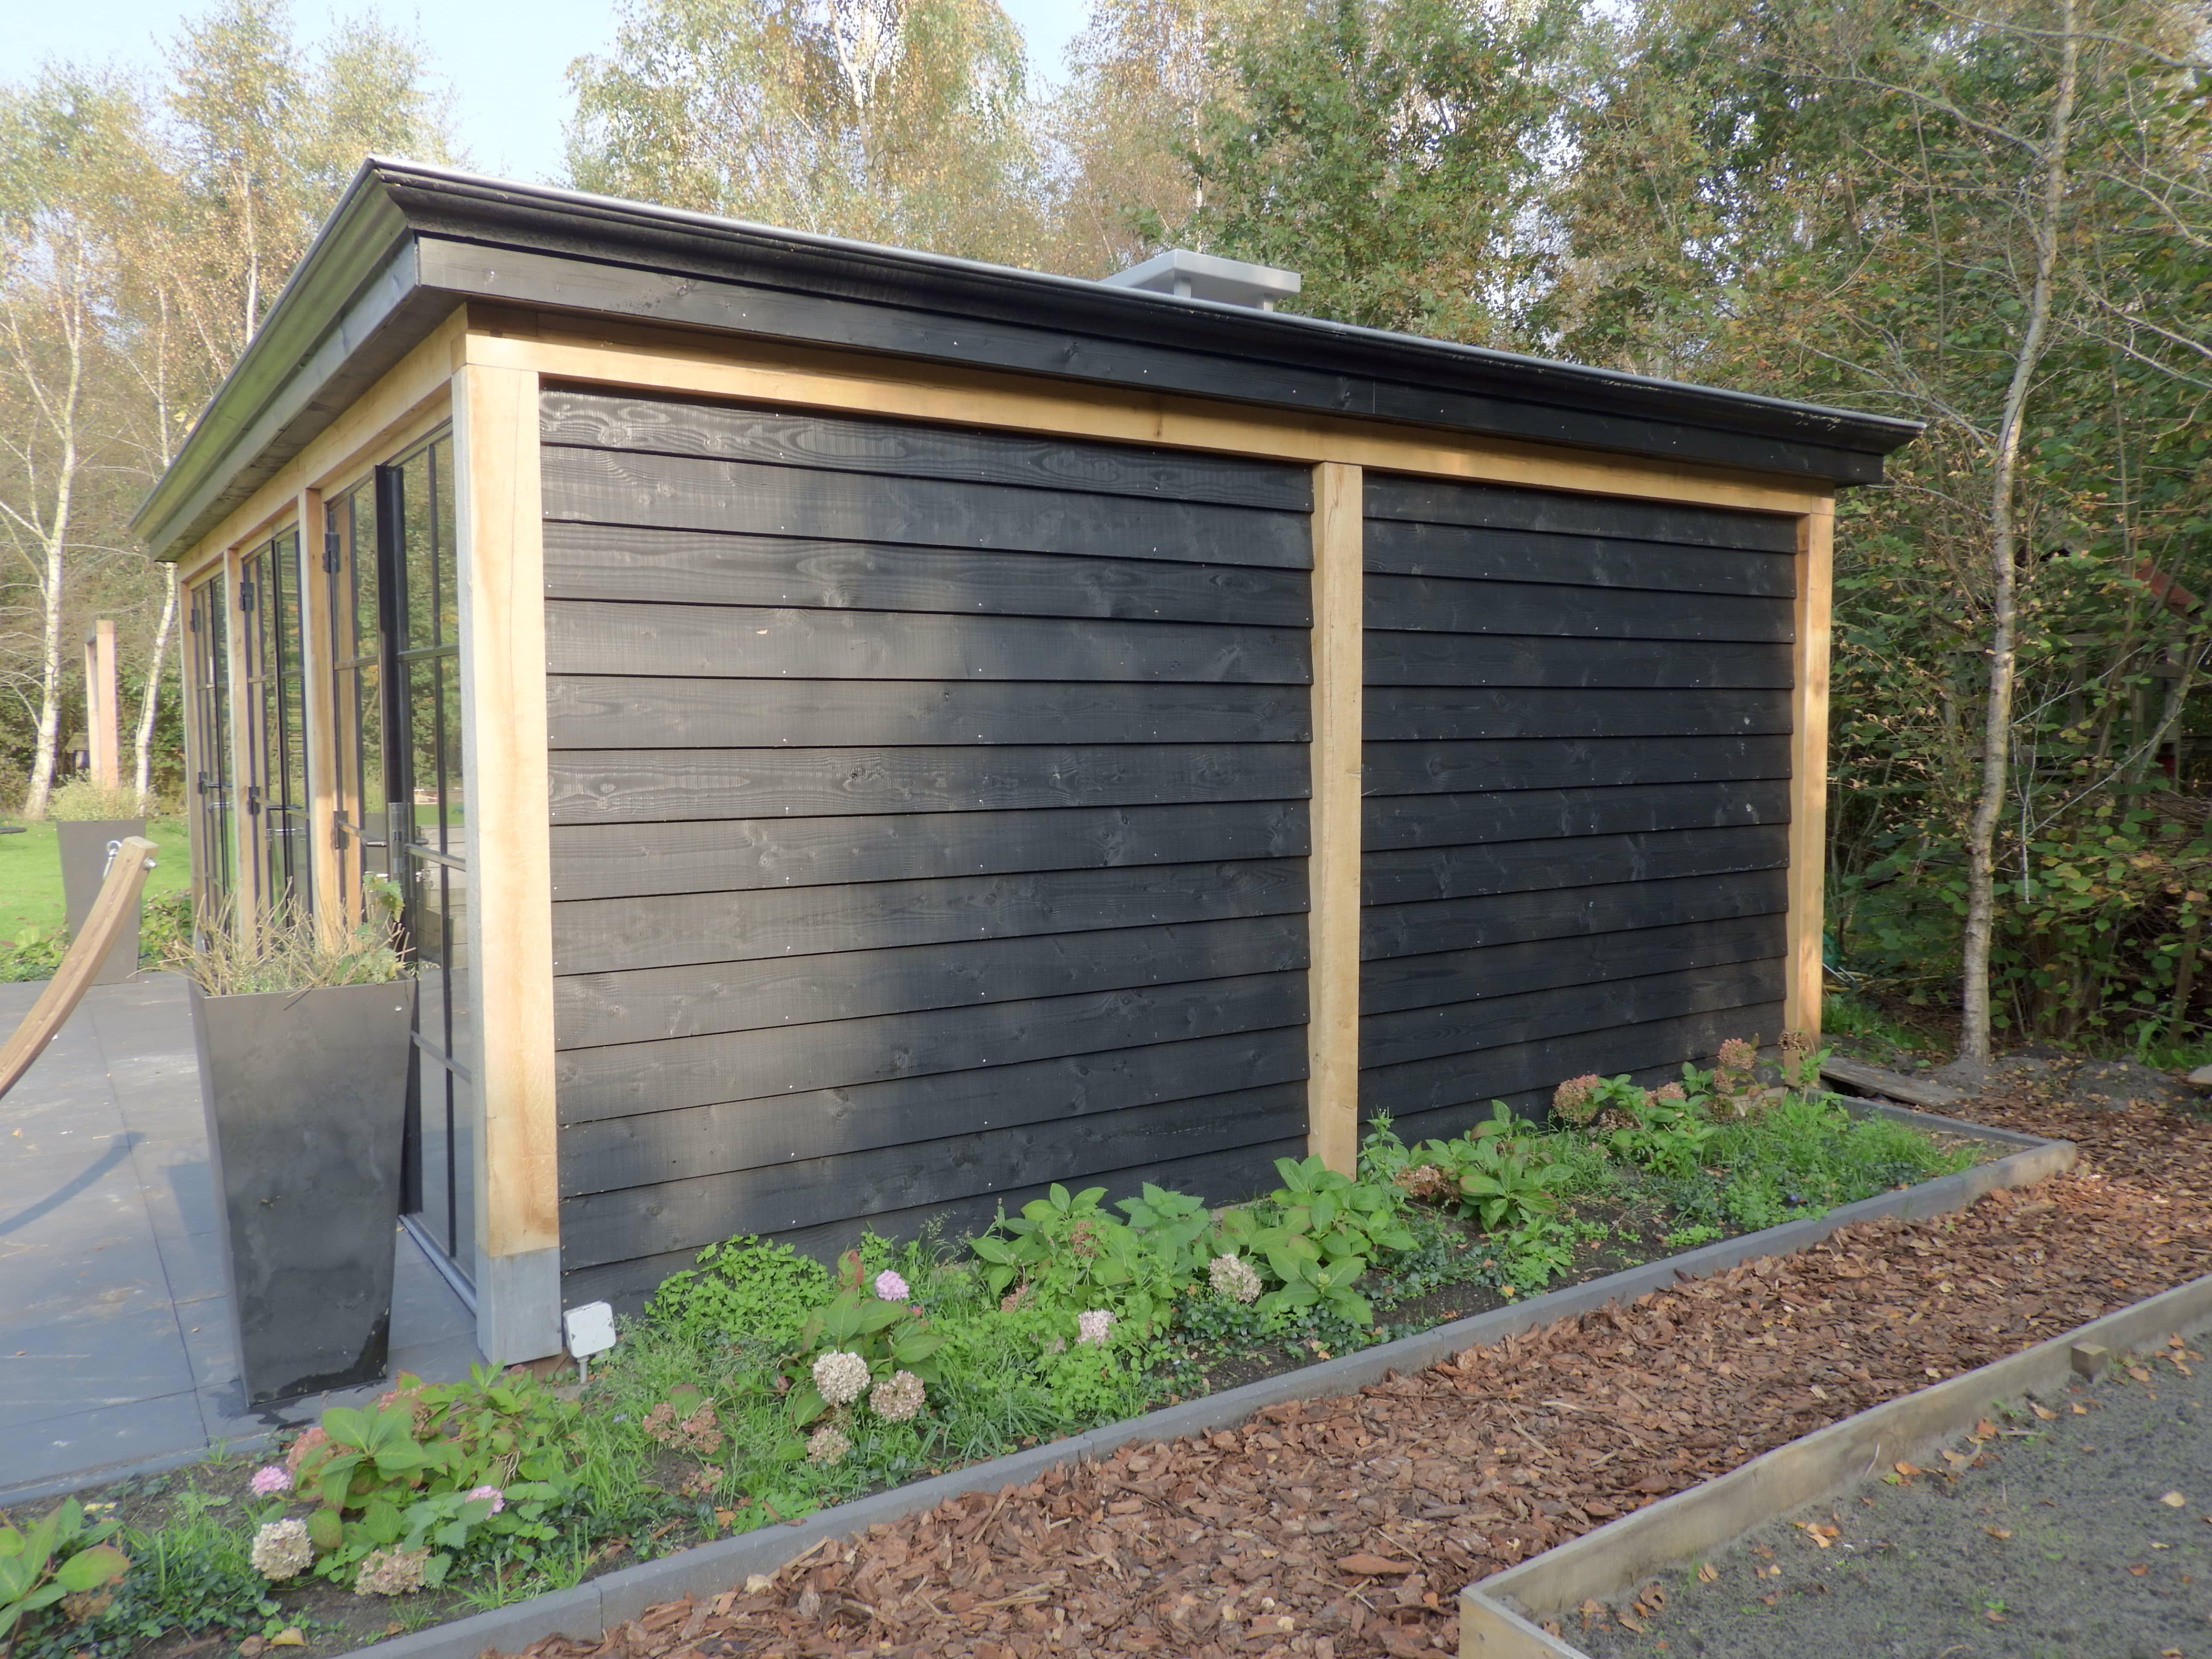 houten-tuinkamer-3 - Project Zwolle: Houten tuinkamer